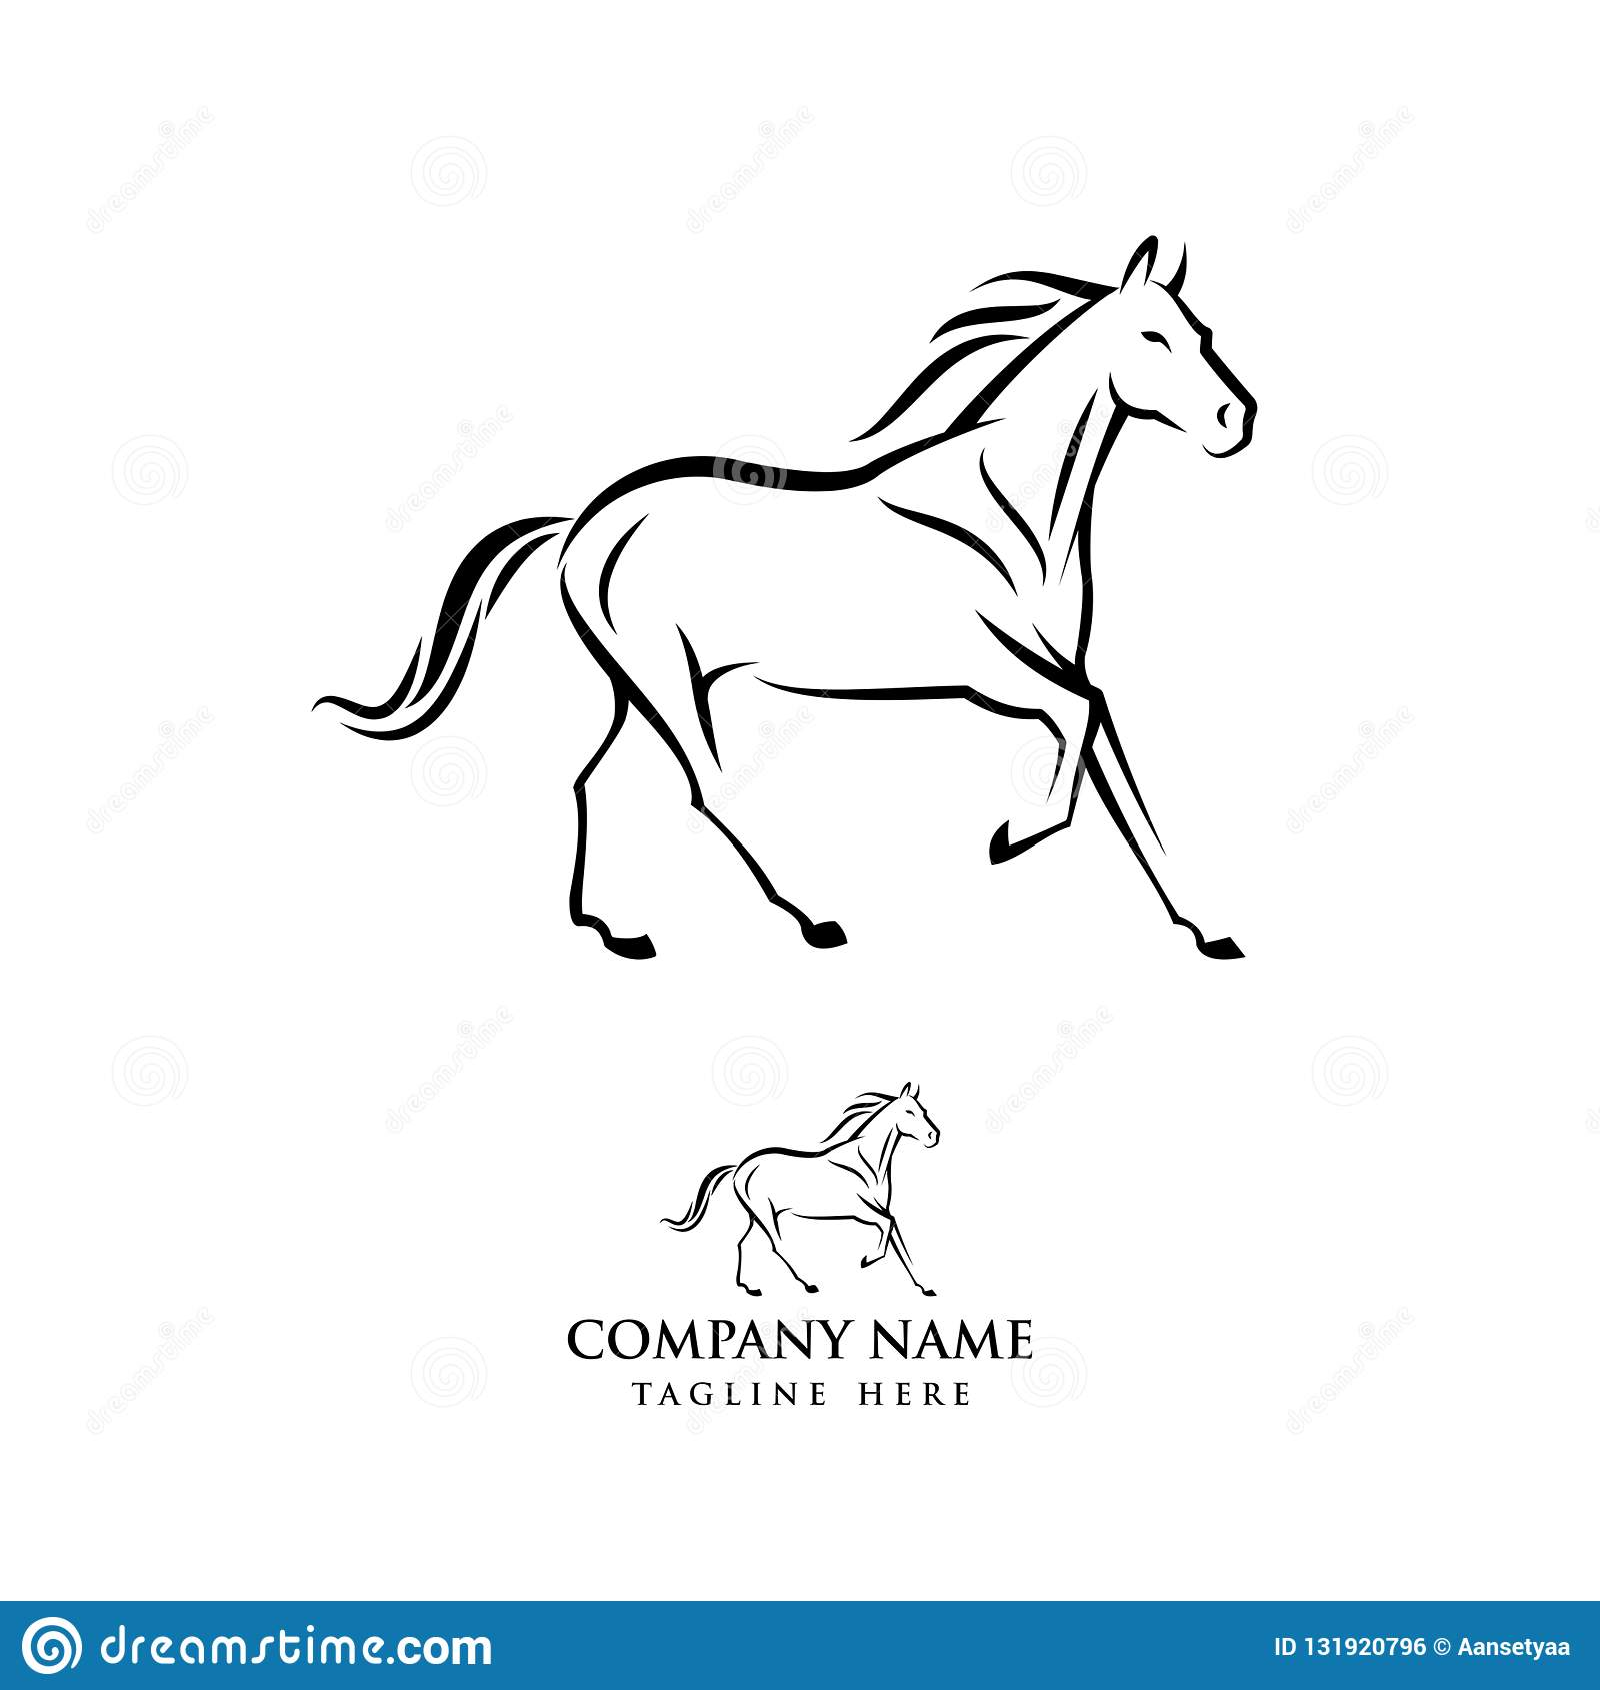 Horse Logo Design Illustration Horse Silhouette Vector Horse Vector Illustration Stock Vector Illustration Of Landscape Equestrian 131920796